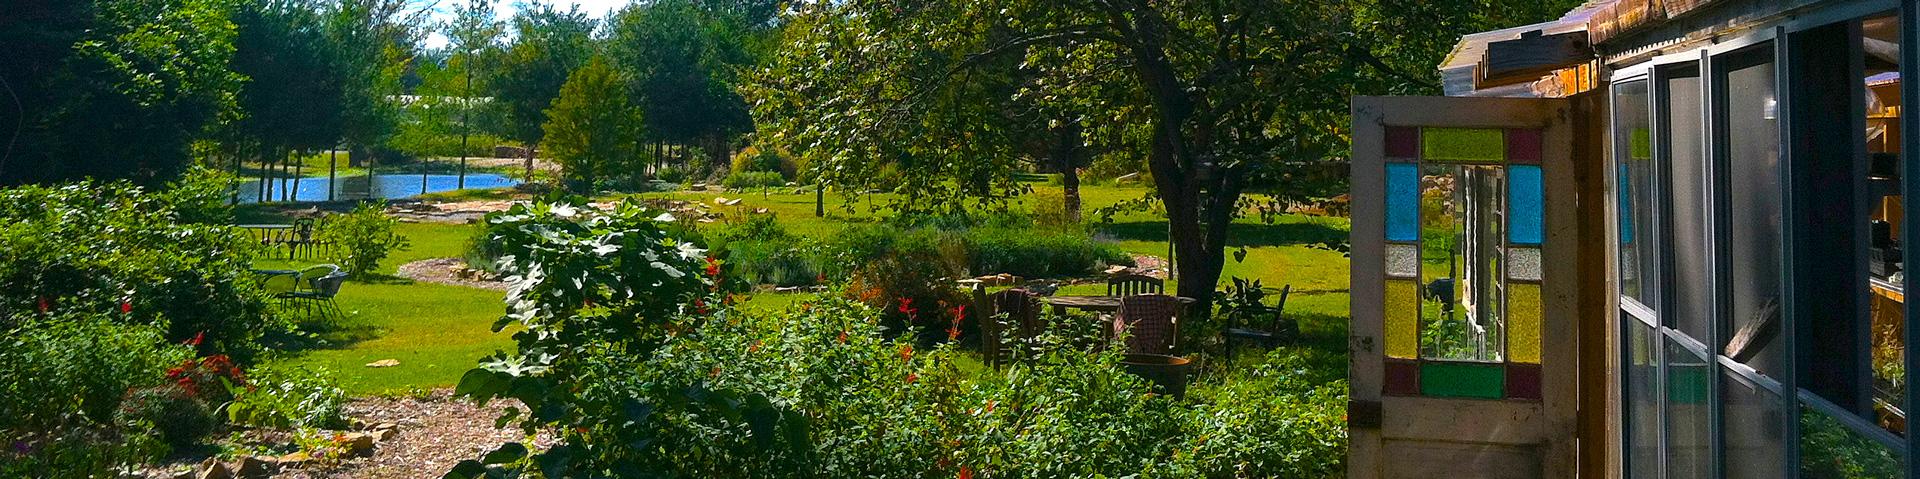 garden_IMG_2776.jpg